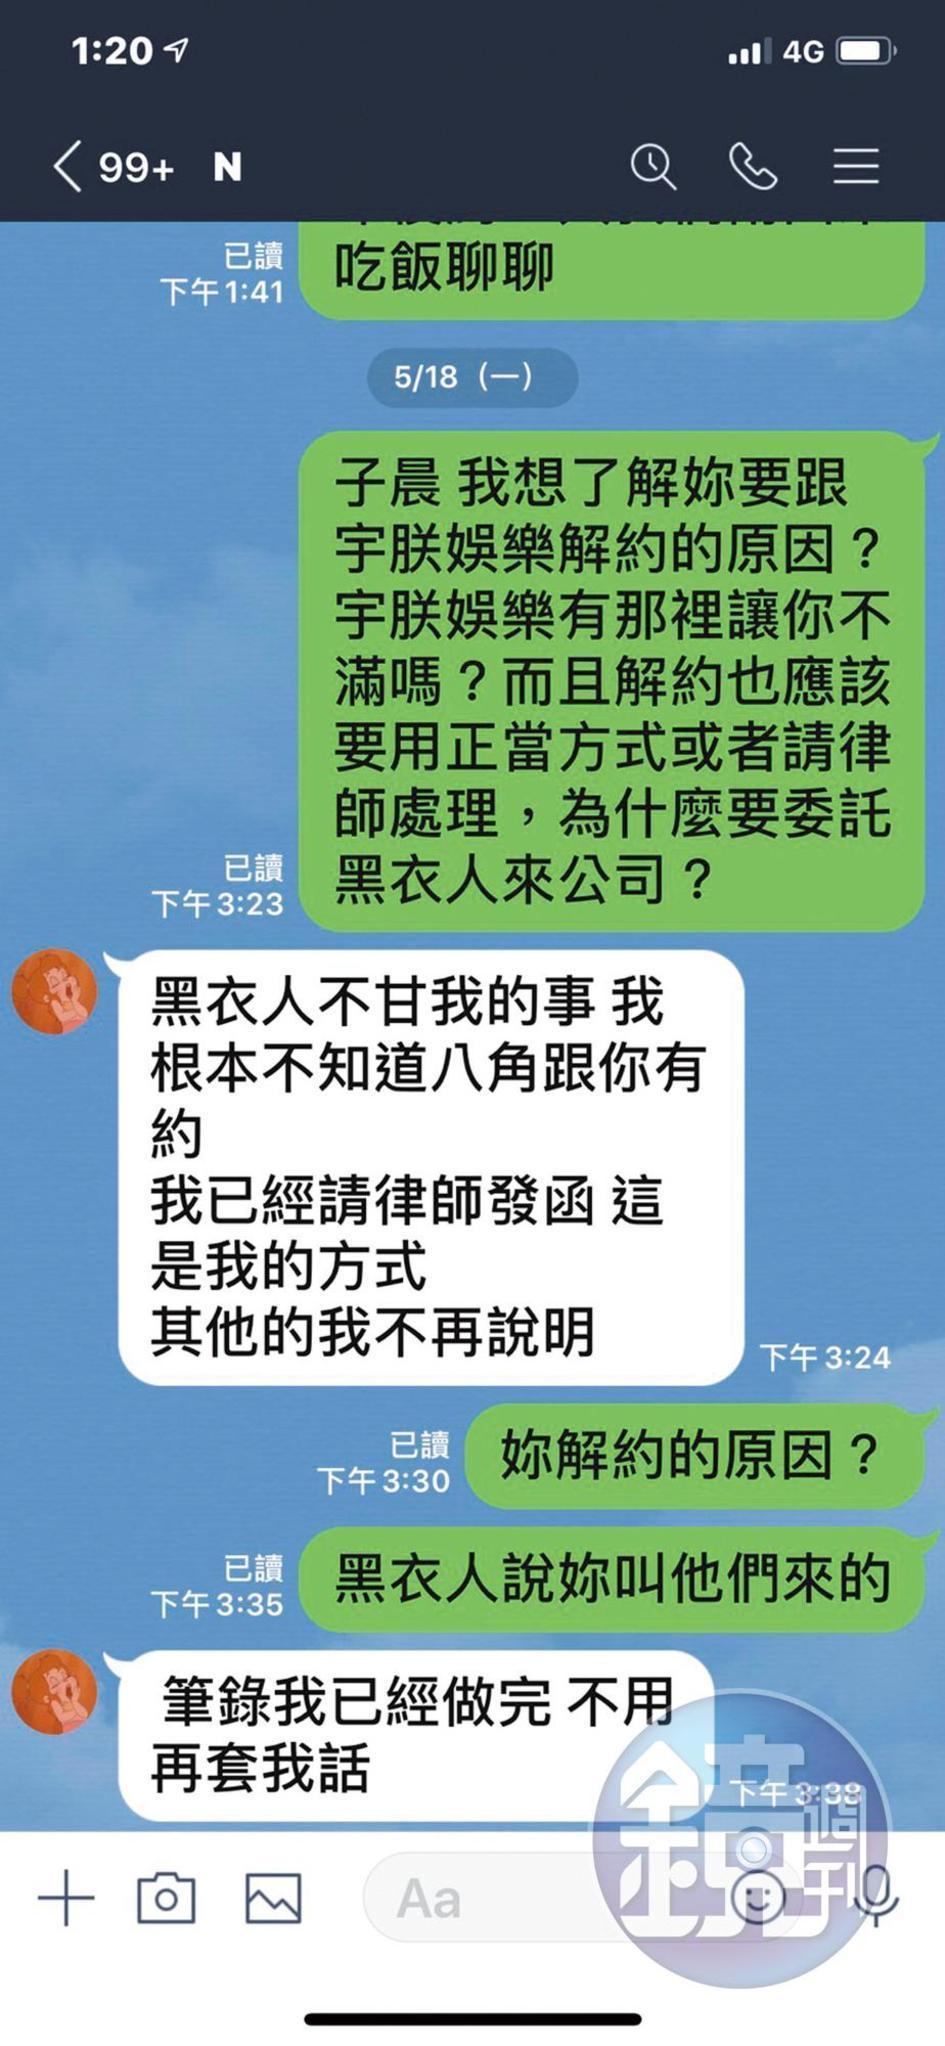 舒子晨表示,對於經紀人董八角跟黑衣人到公司鬧事並不知情。(讀者提供)